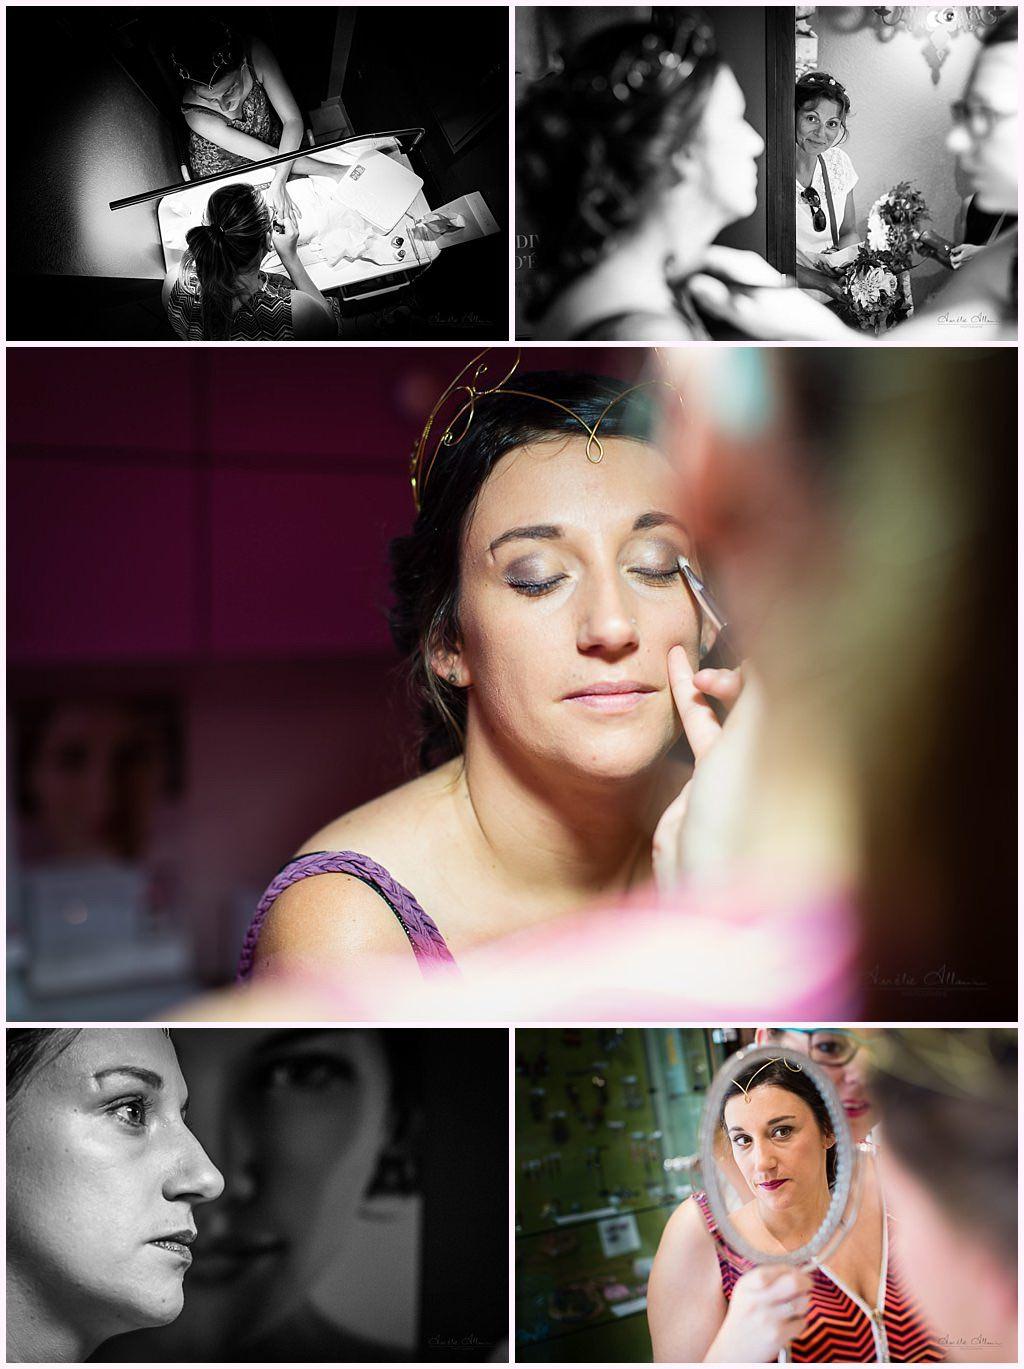 maquillage mariée préparatifs mariage medieval en costume photographe mariage aurelie allanic